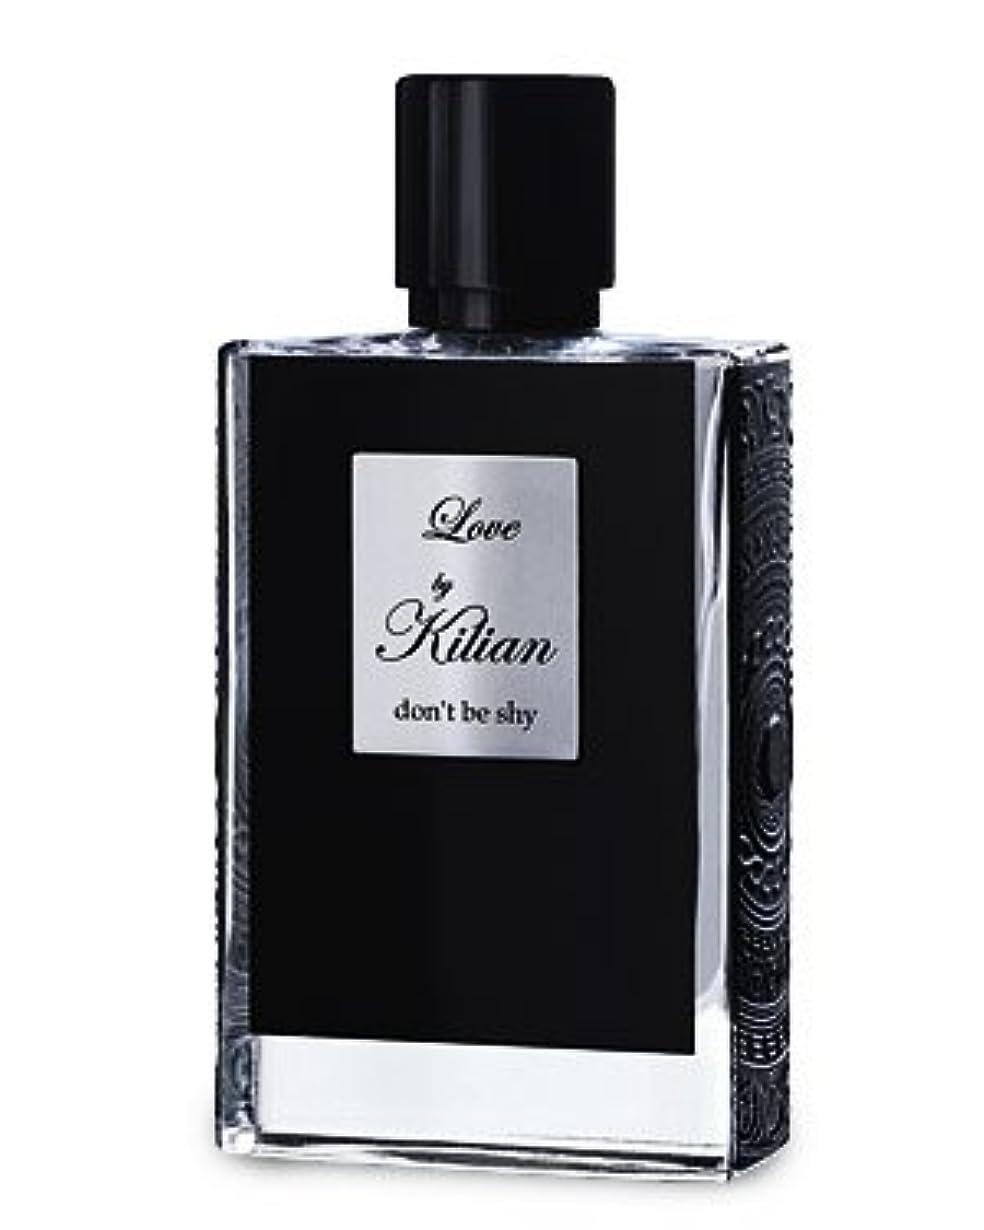 羽マルクス主義者アンビエントBy Kilian  Love (バイ キリアン ? ラブ) 1.7 oz (50ml) EDP Spray